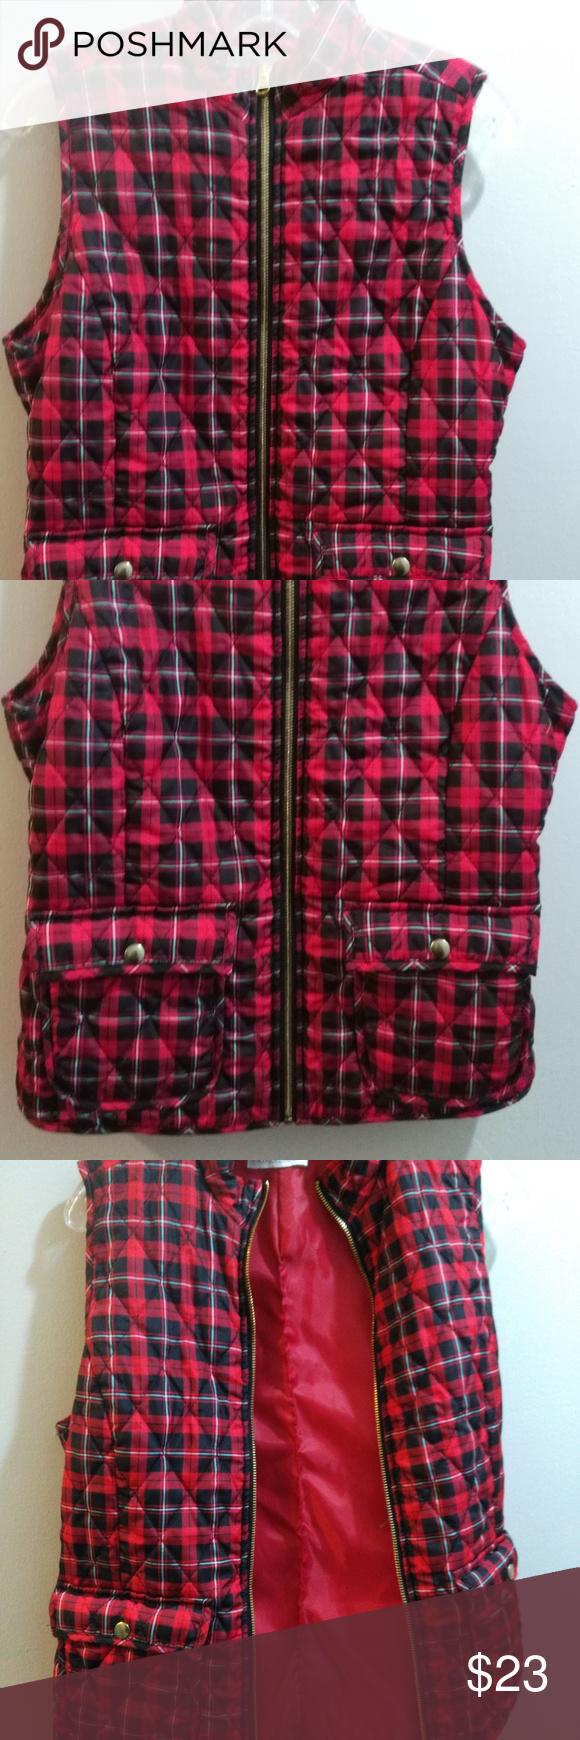 NWOT Keren Hart Red Plaid Lightweight Puffer Vest This super cute, lightweight p...#cute #hart #keren #lightweight #nwot #plaid #puffer #red #super #vest